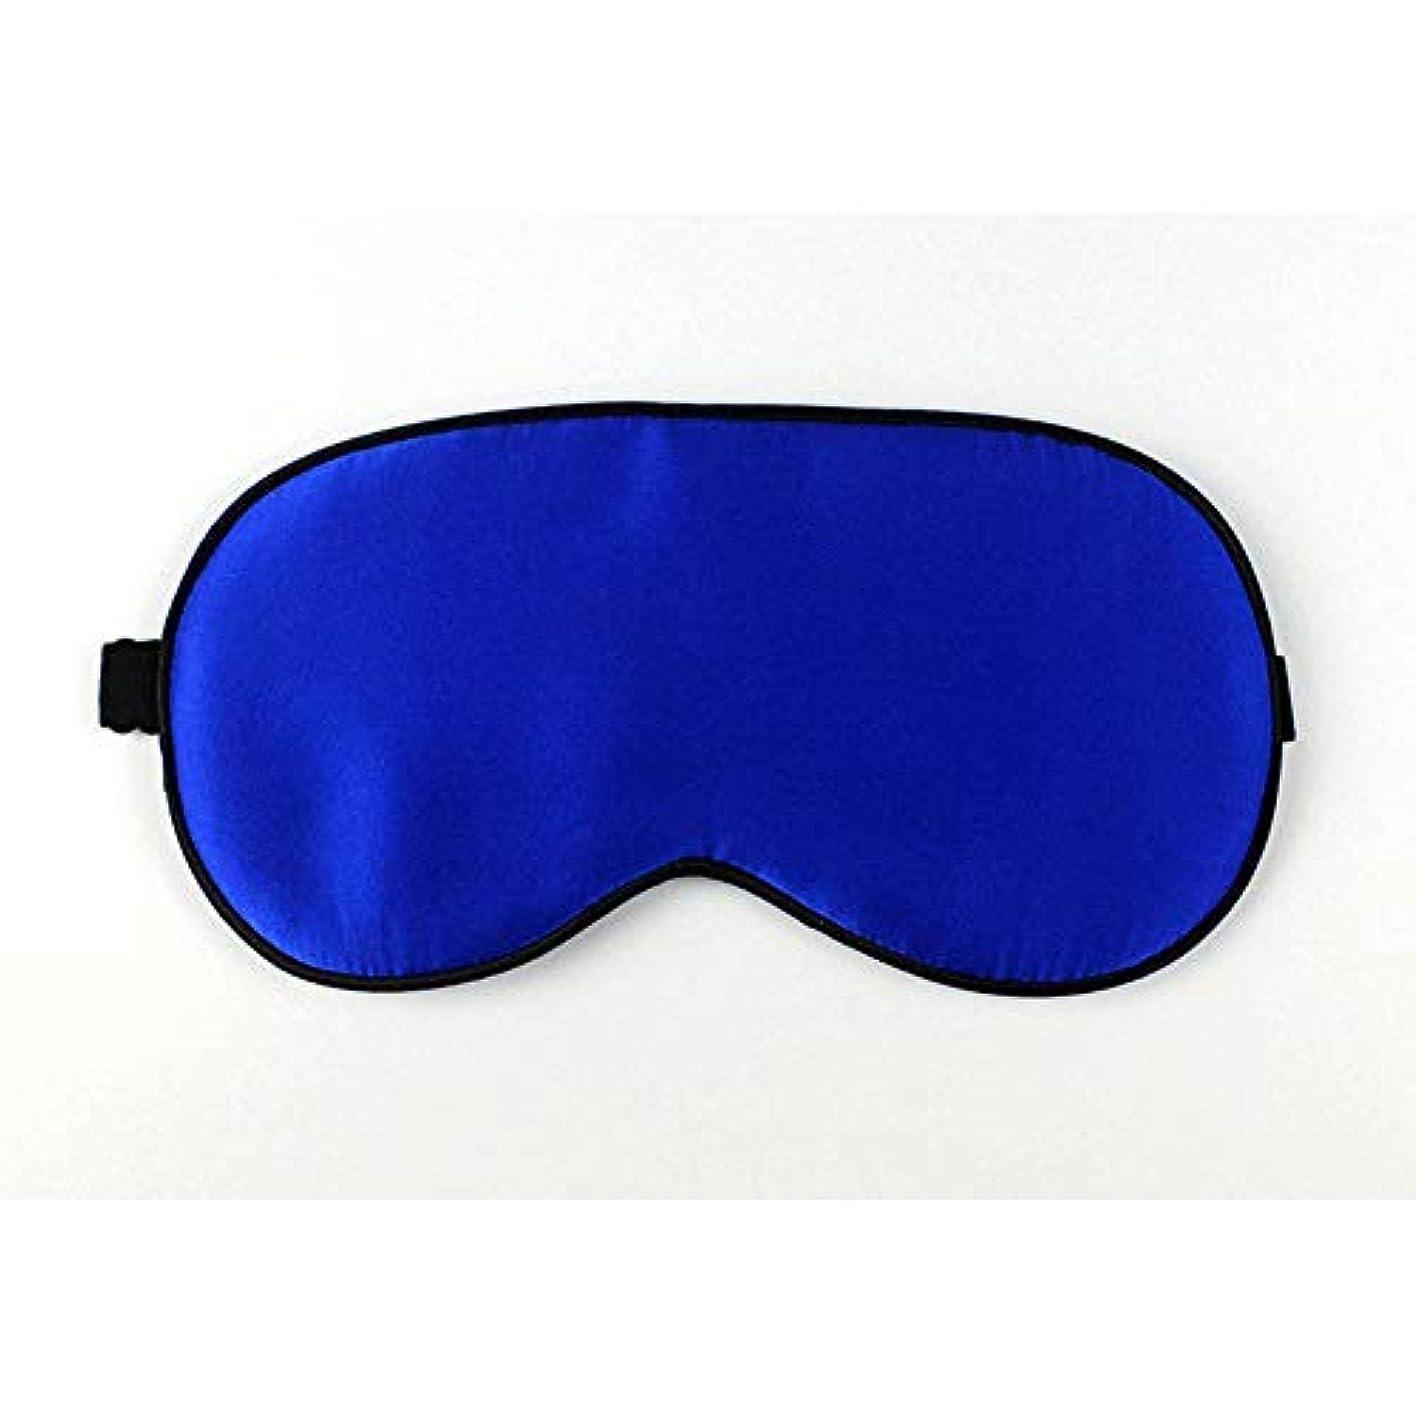 一貫性のない粗い一貫性のないXuBa アイマスク ソフト シルク 弾力 睡眠 遮光  完璧な睡眠環境 アイシェード スリープシールド オフィス  ダークブルー